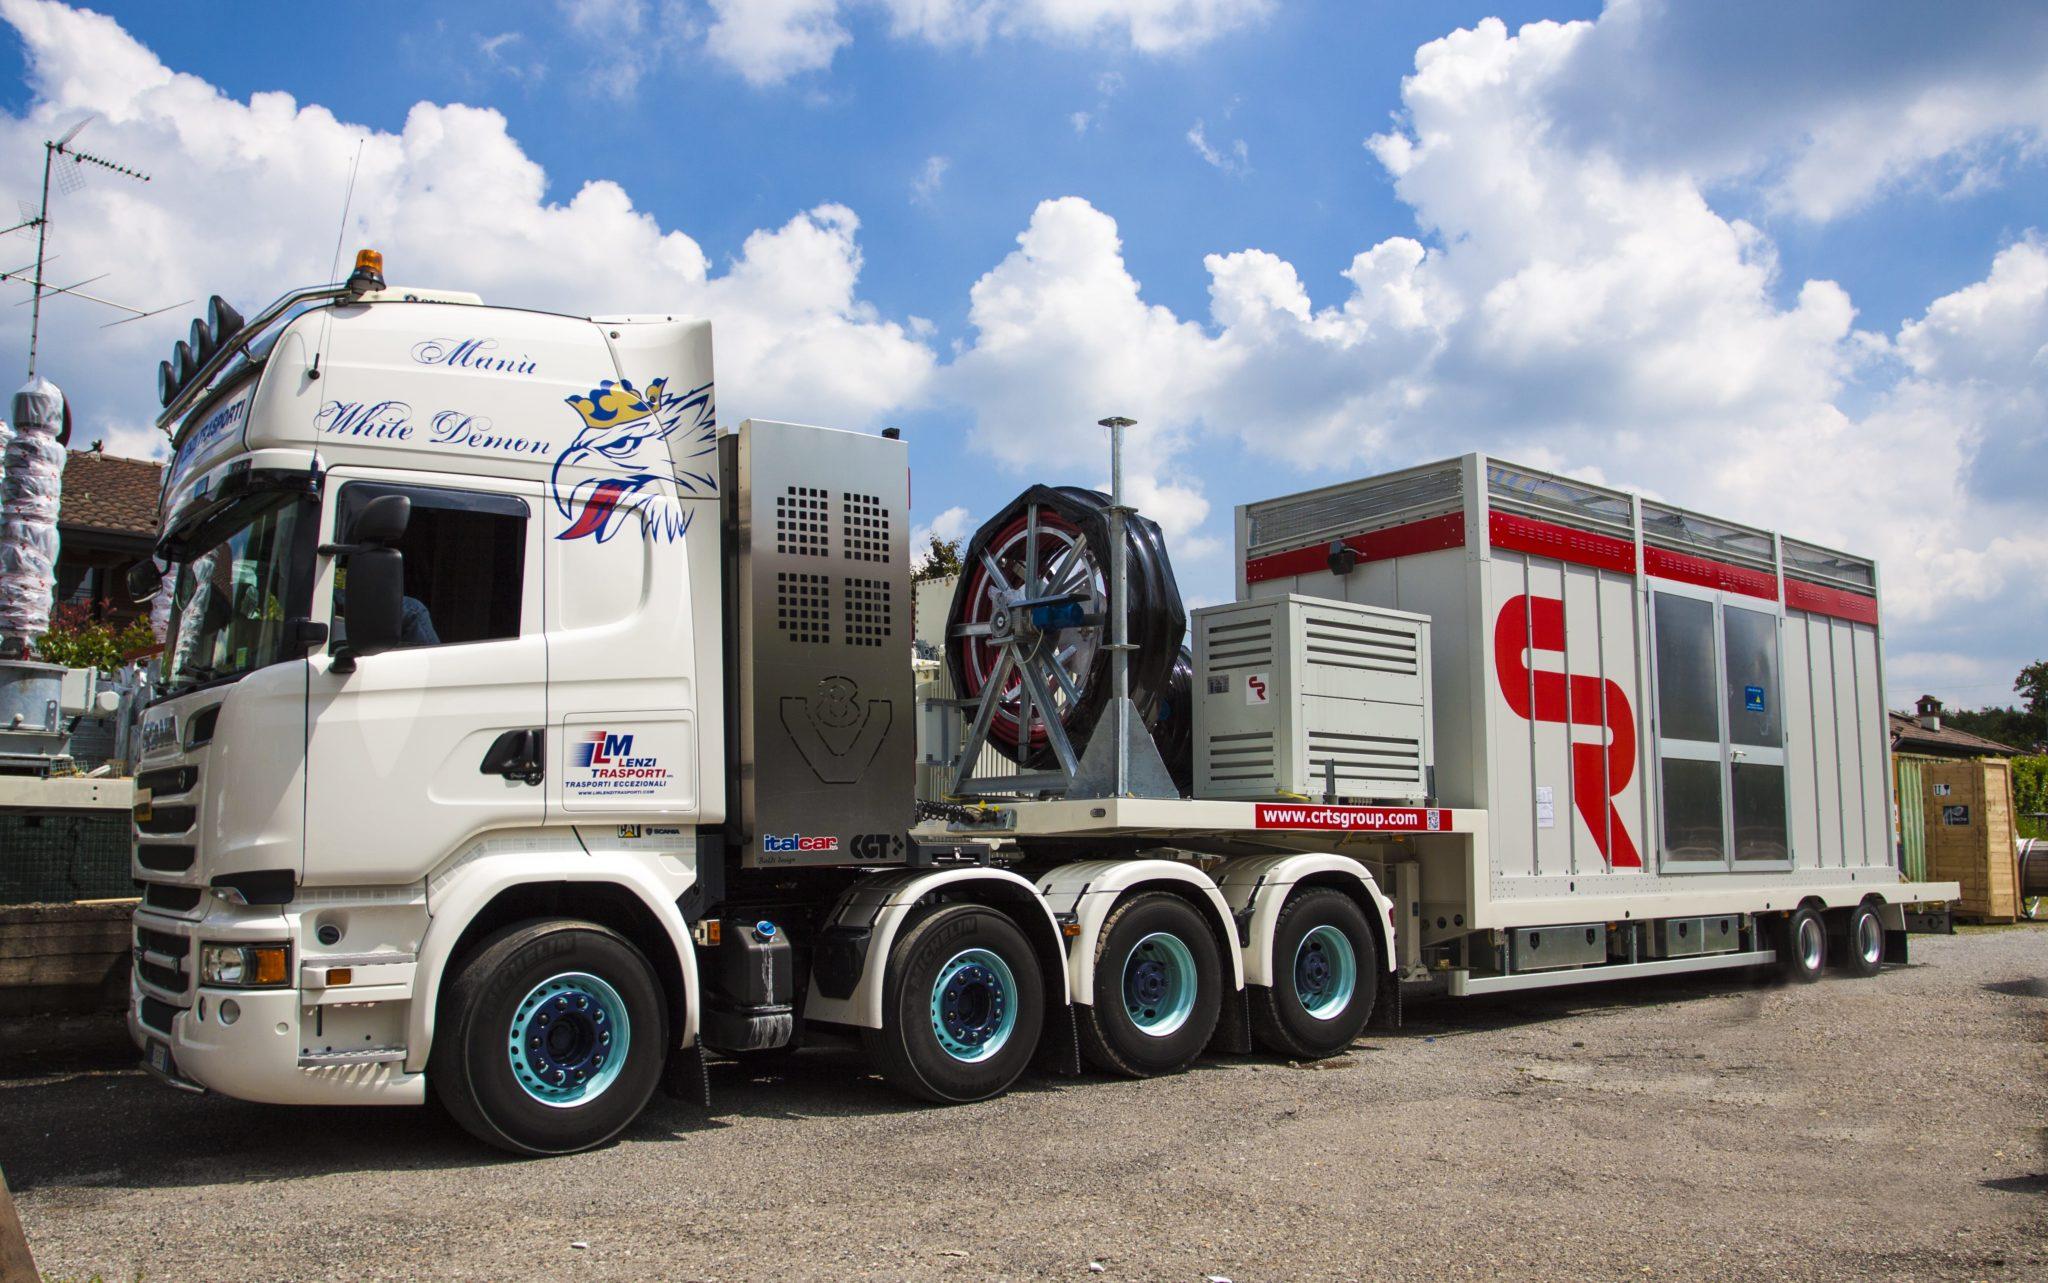 sottostazione mobile trasporto su ruota, per Albania, Europa